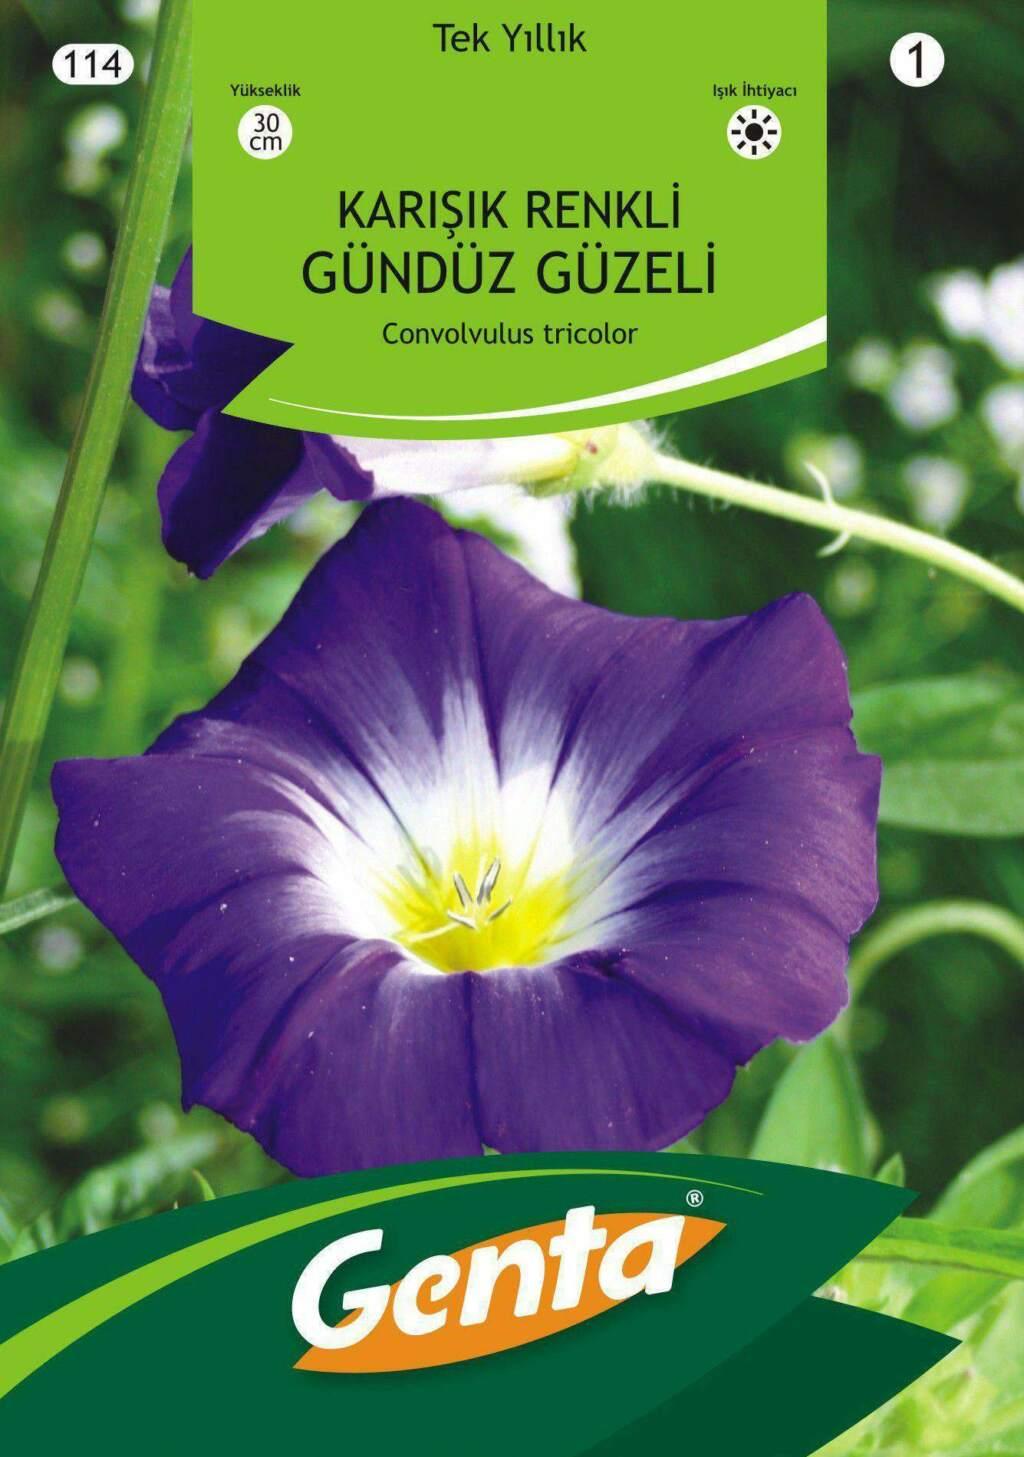 Genta Gündüz Güzeli Çiçek Tohumu Karışık Renkli